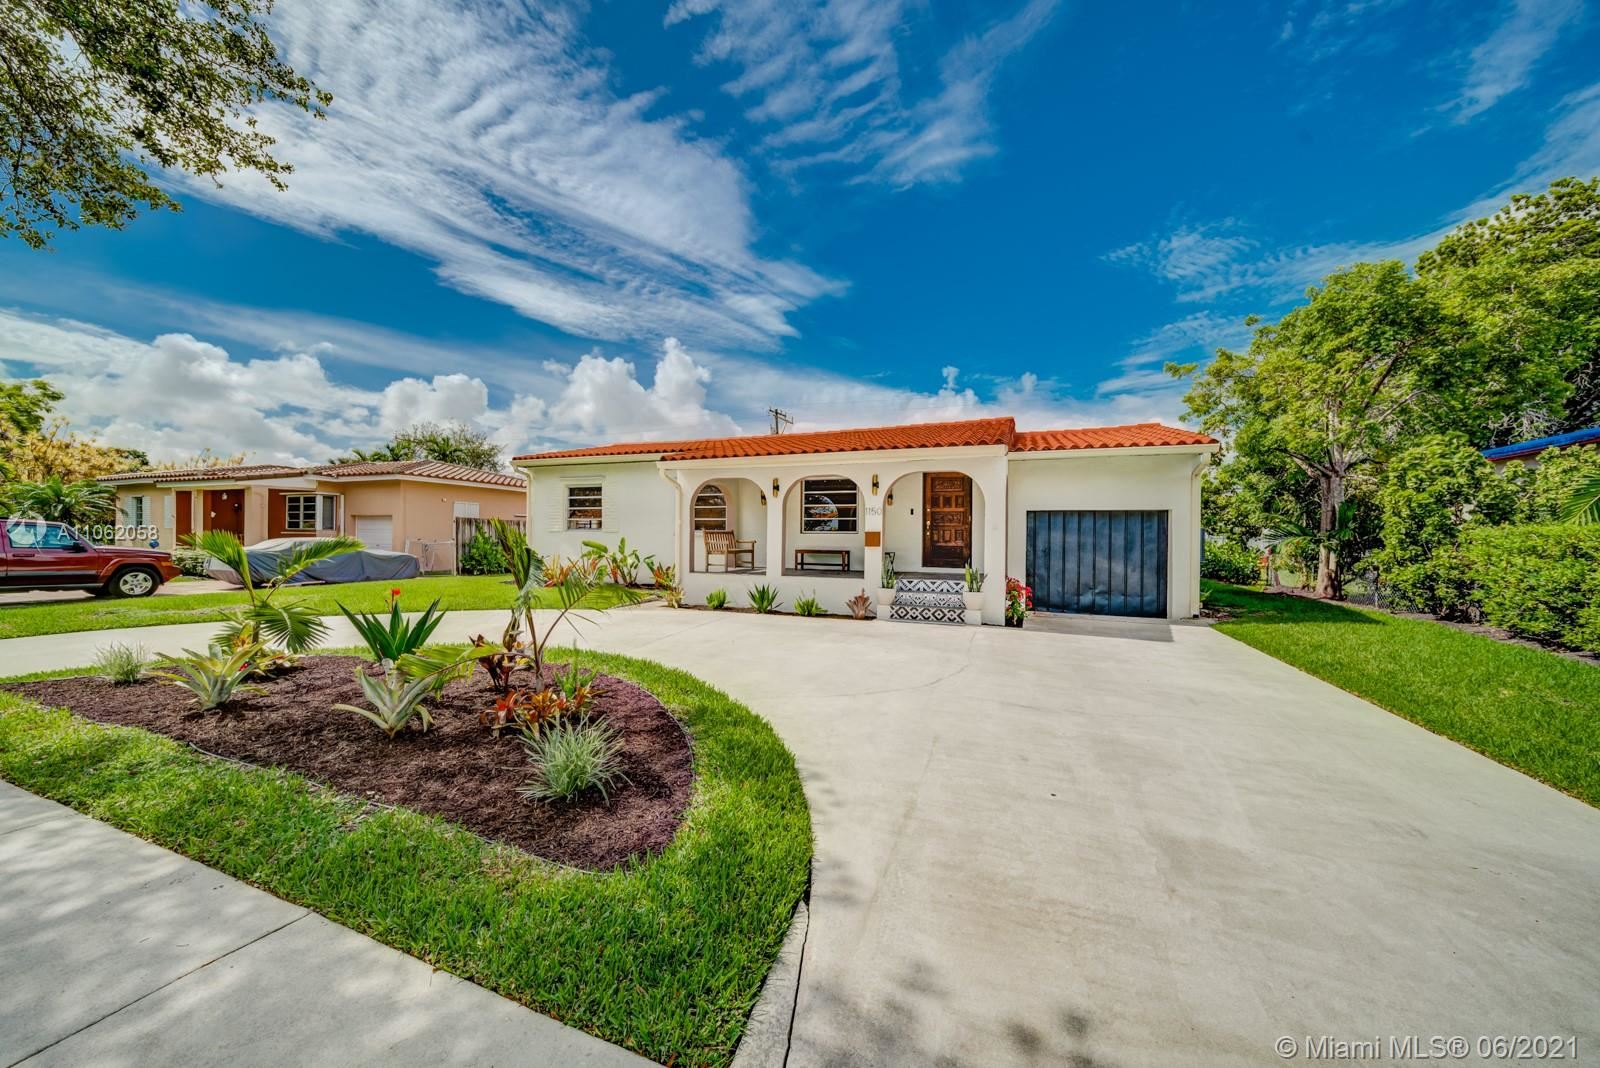 1150 Falcon Ave, Miami Springs, FL 33166 - #: A11062058